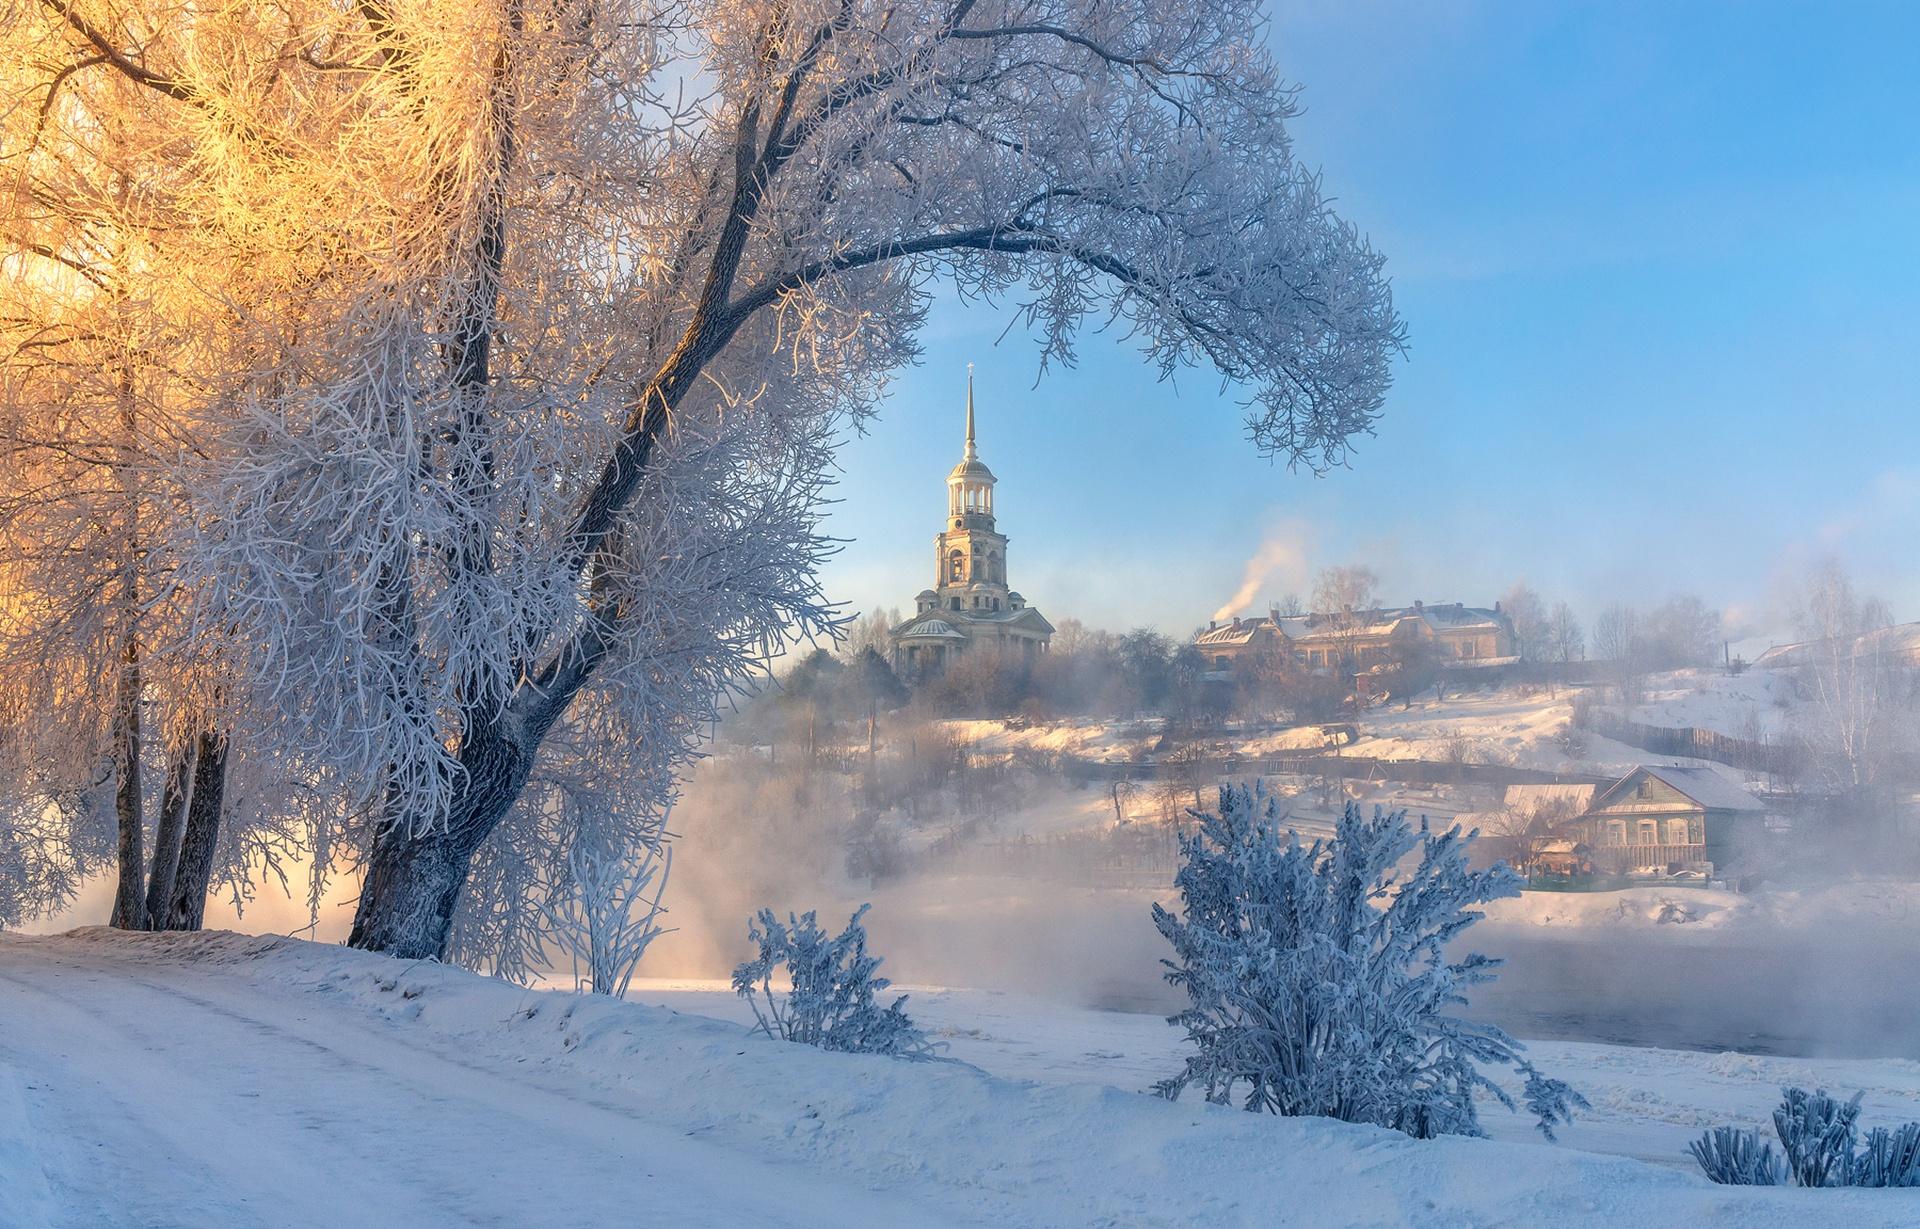 выполняем заказы морозное утро в городе фото инк или просвет-туда